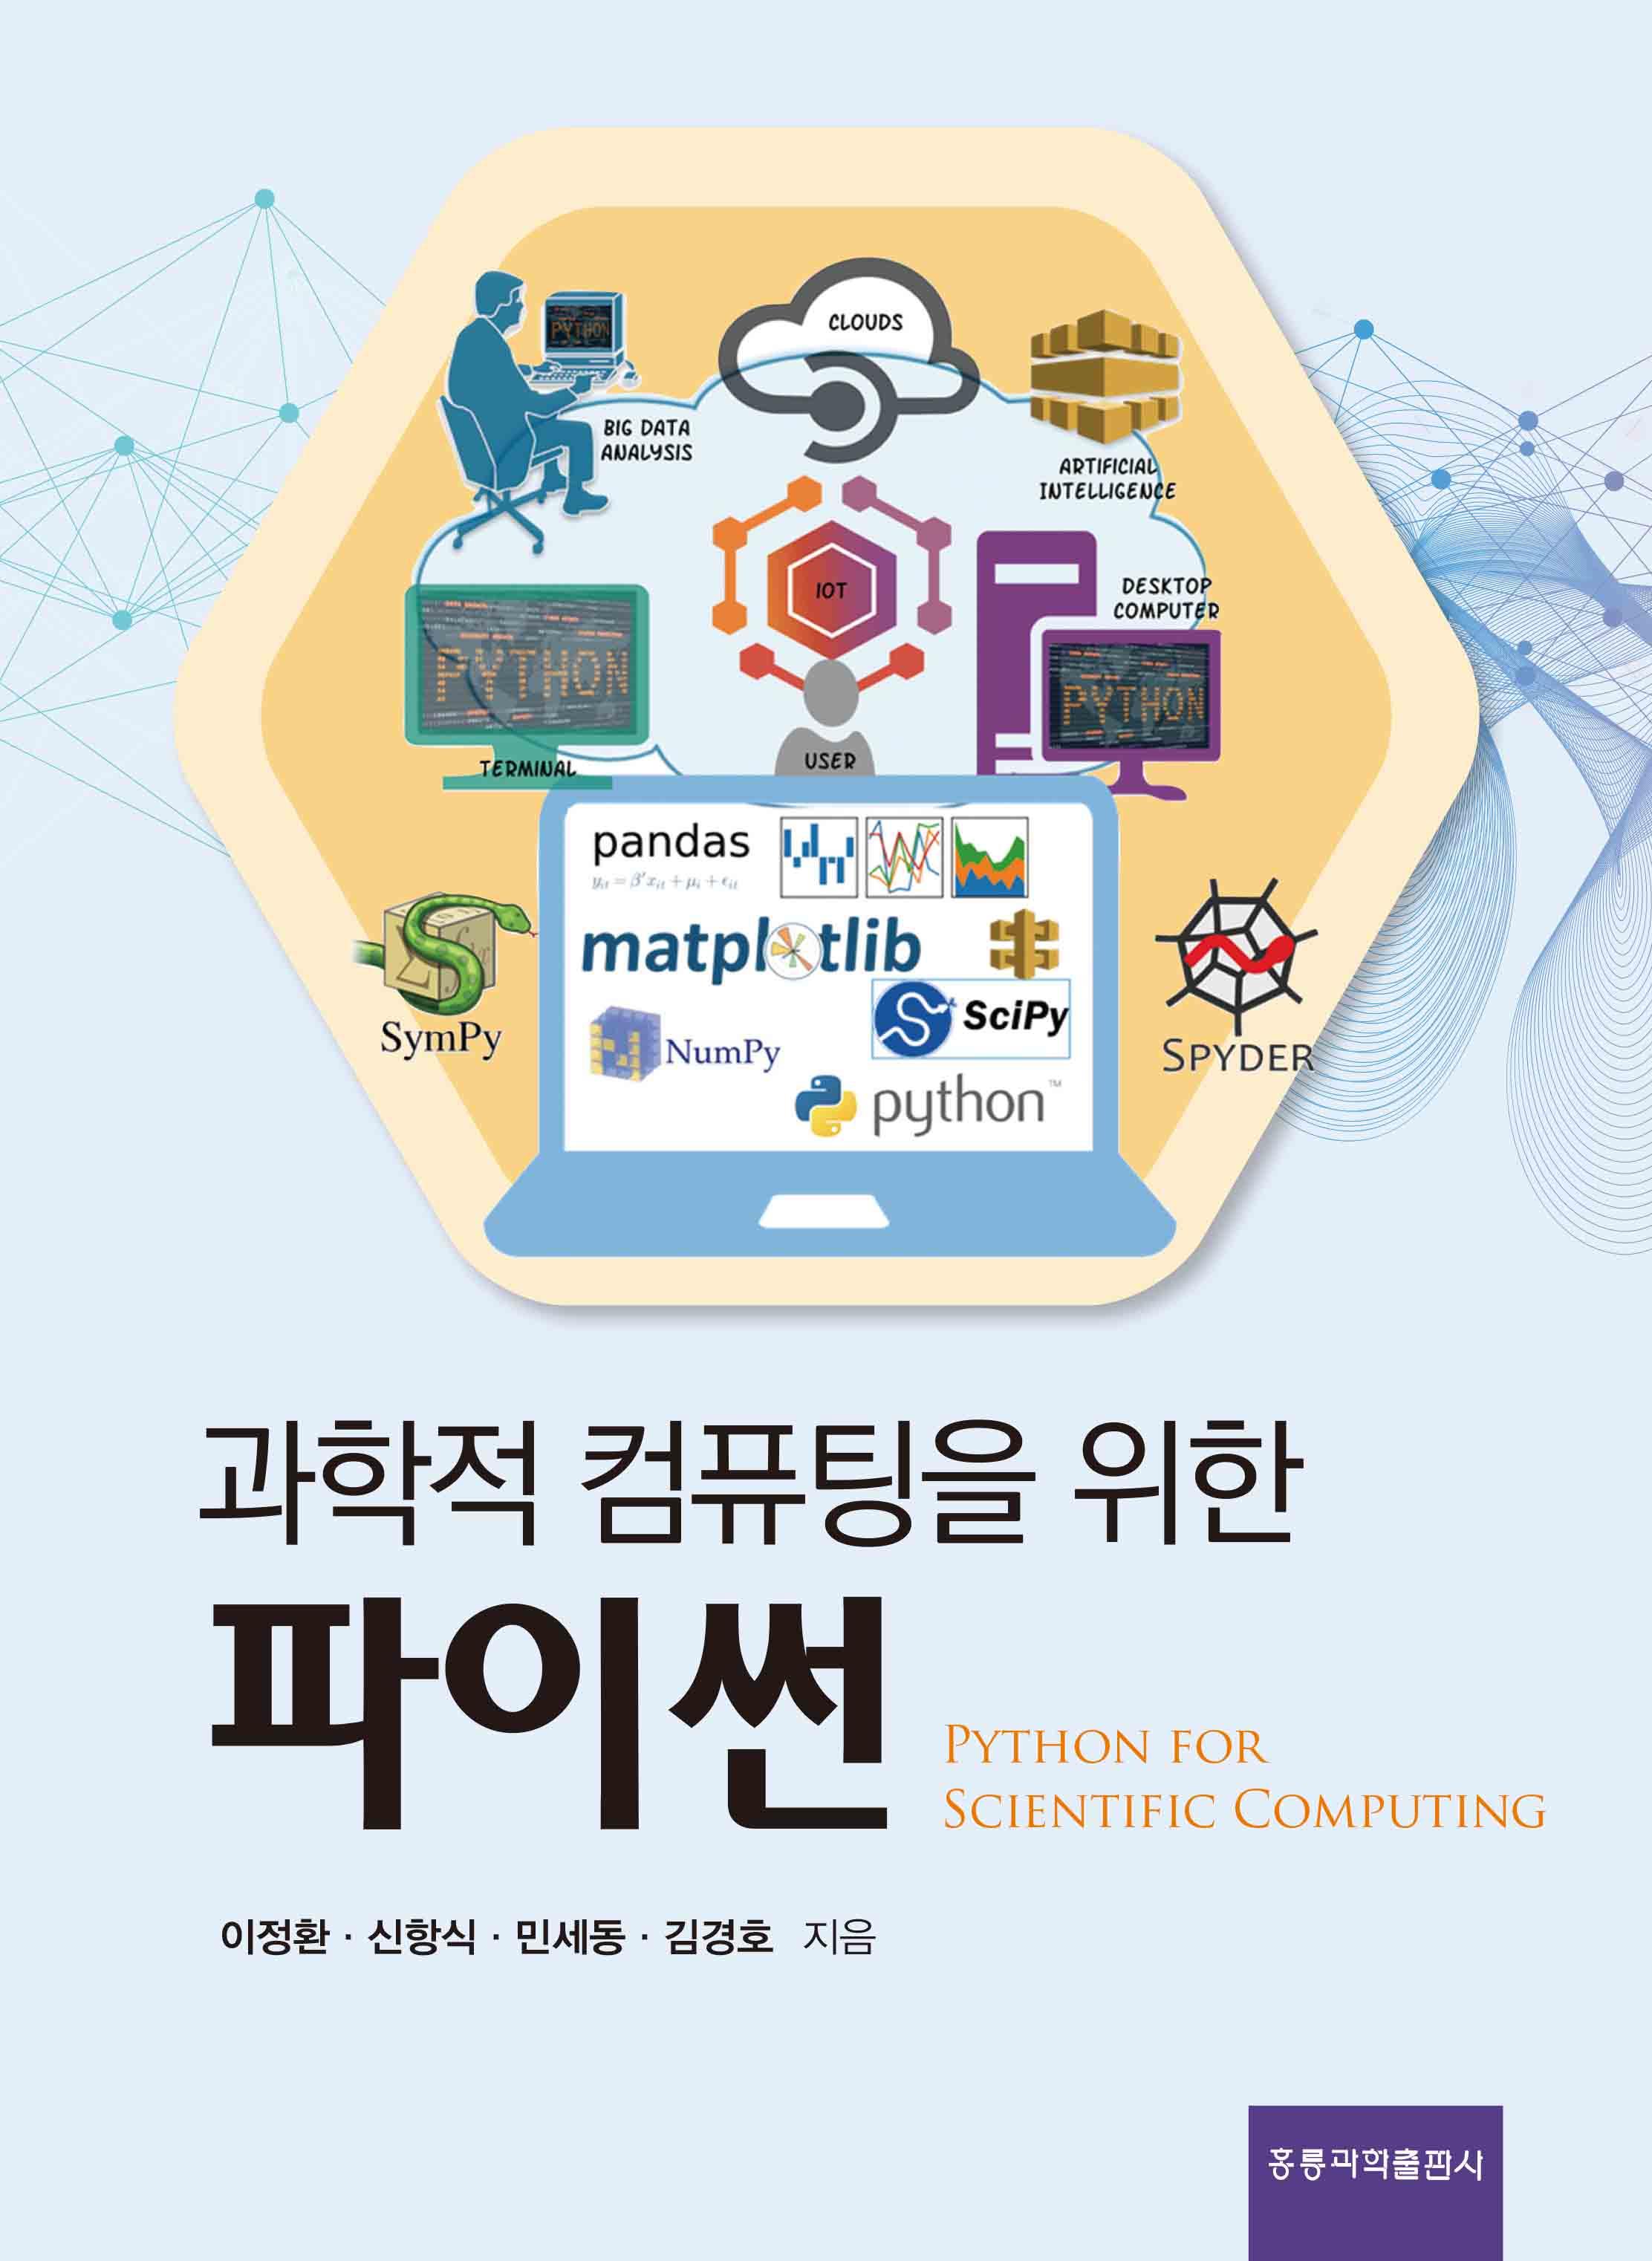 과학적 컴퓨팅을 위한 파이썬